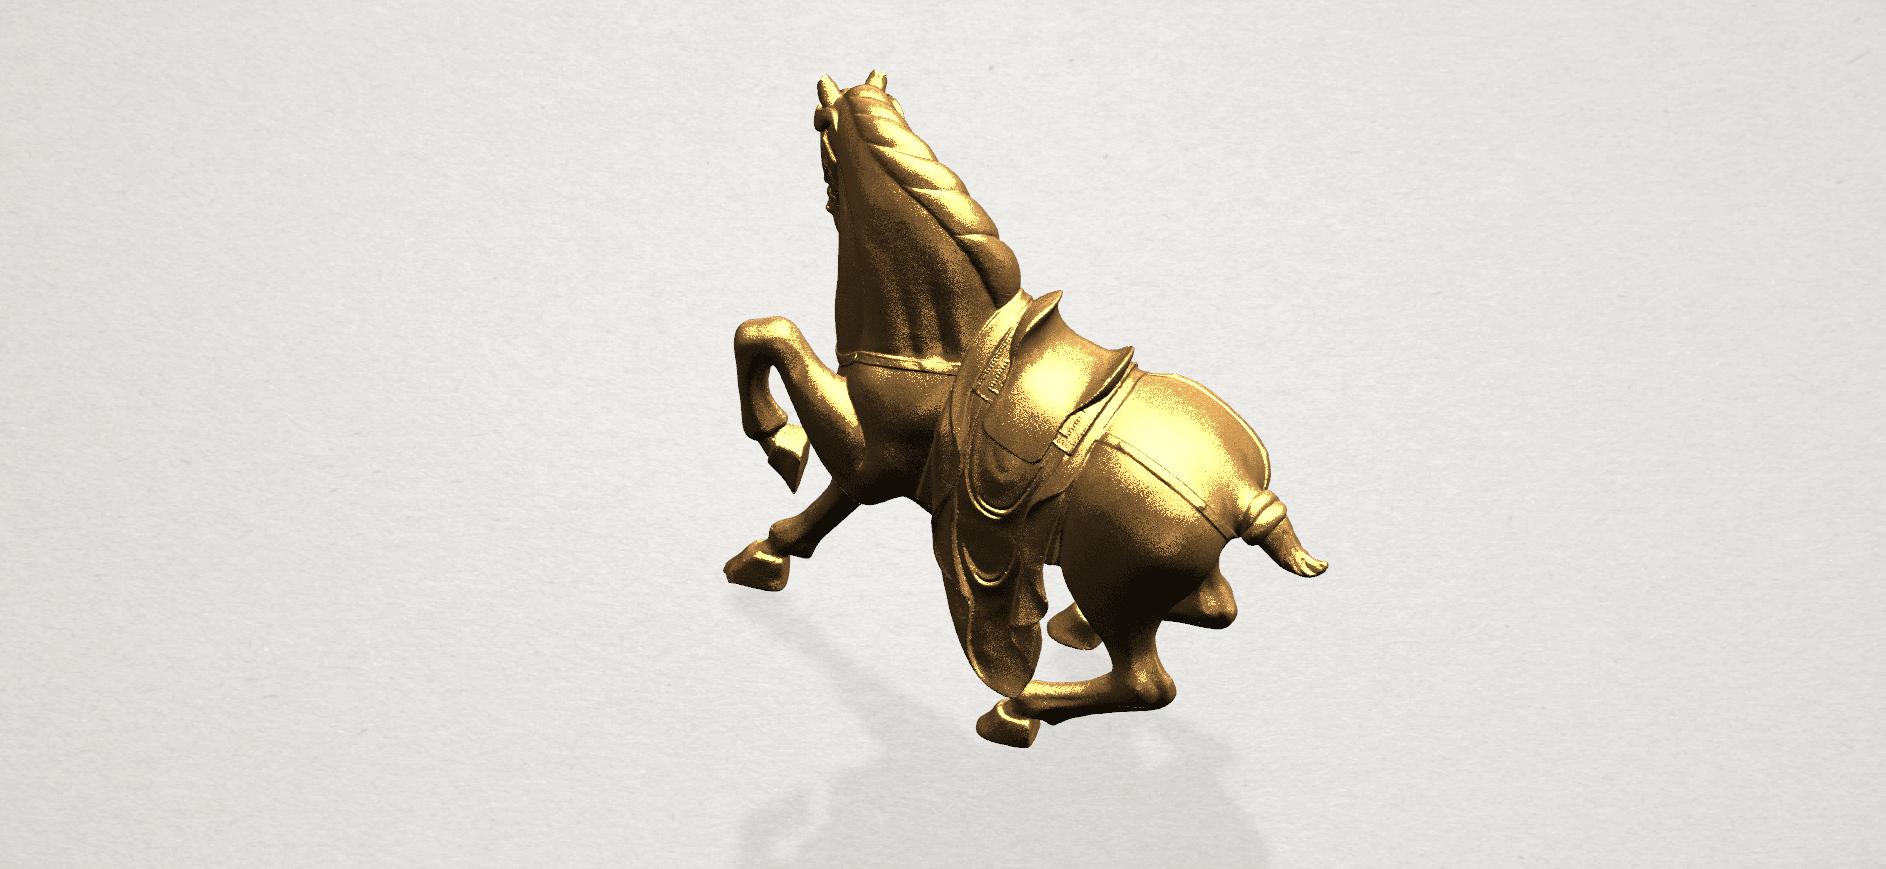 Horse III - B06.png Télécharger fichier STL gratuit Cheval 03 • Design imprimable en 3D, GeorgesNikkei